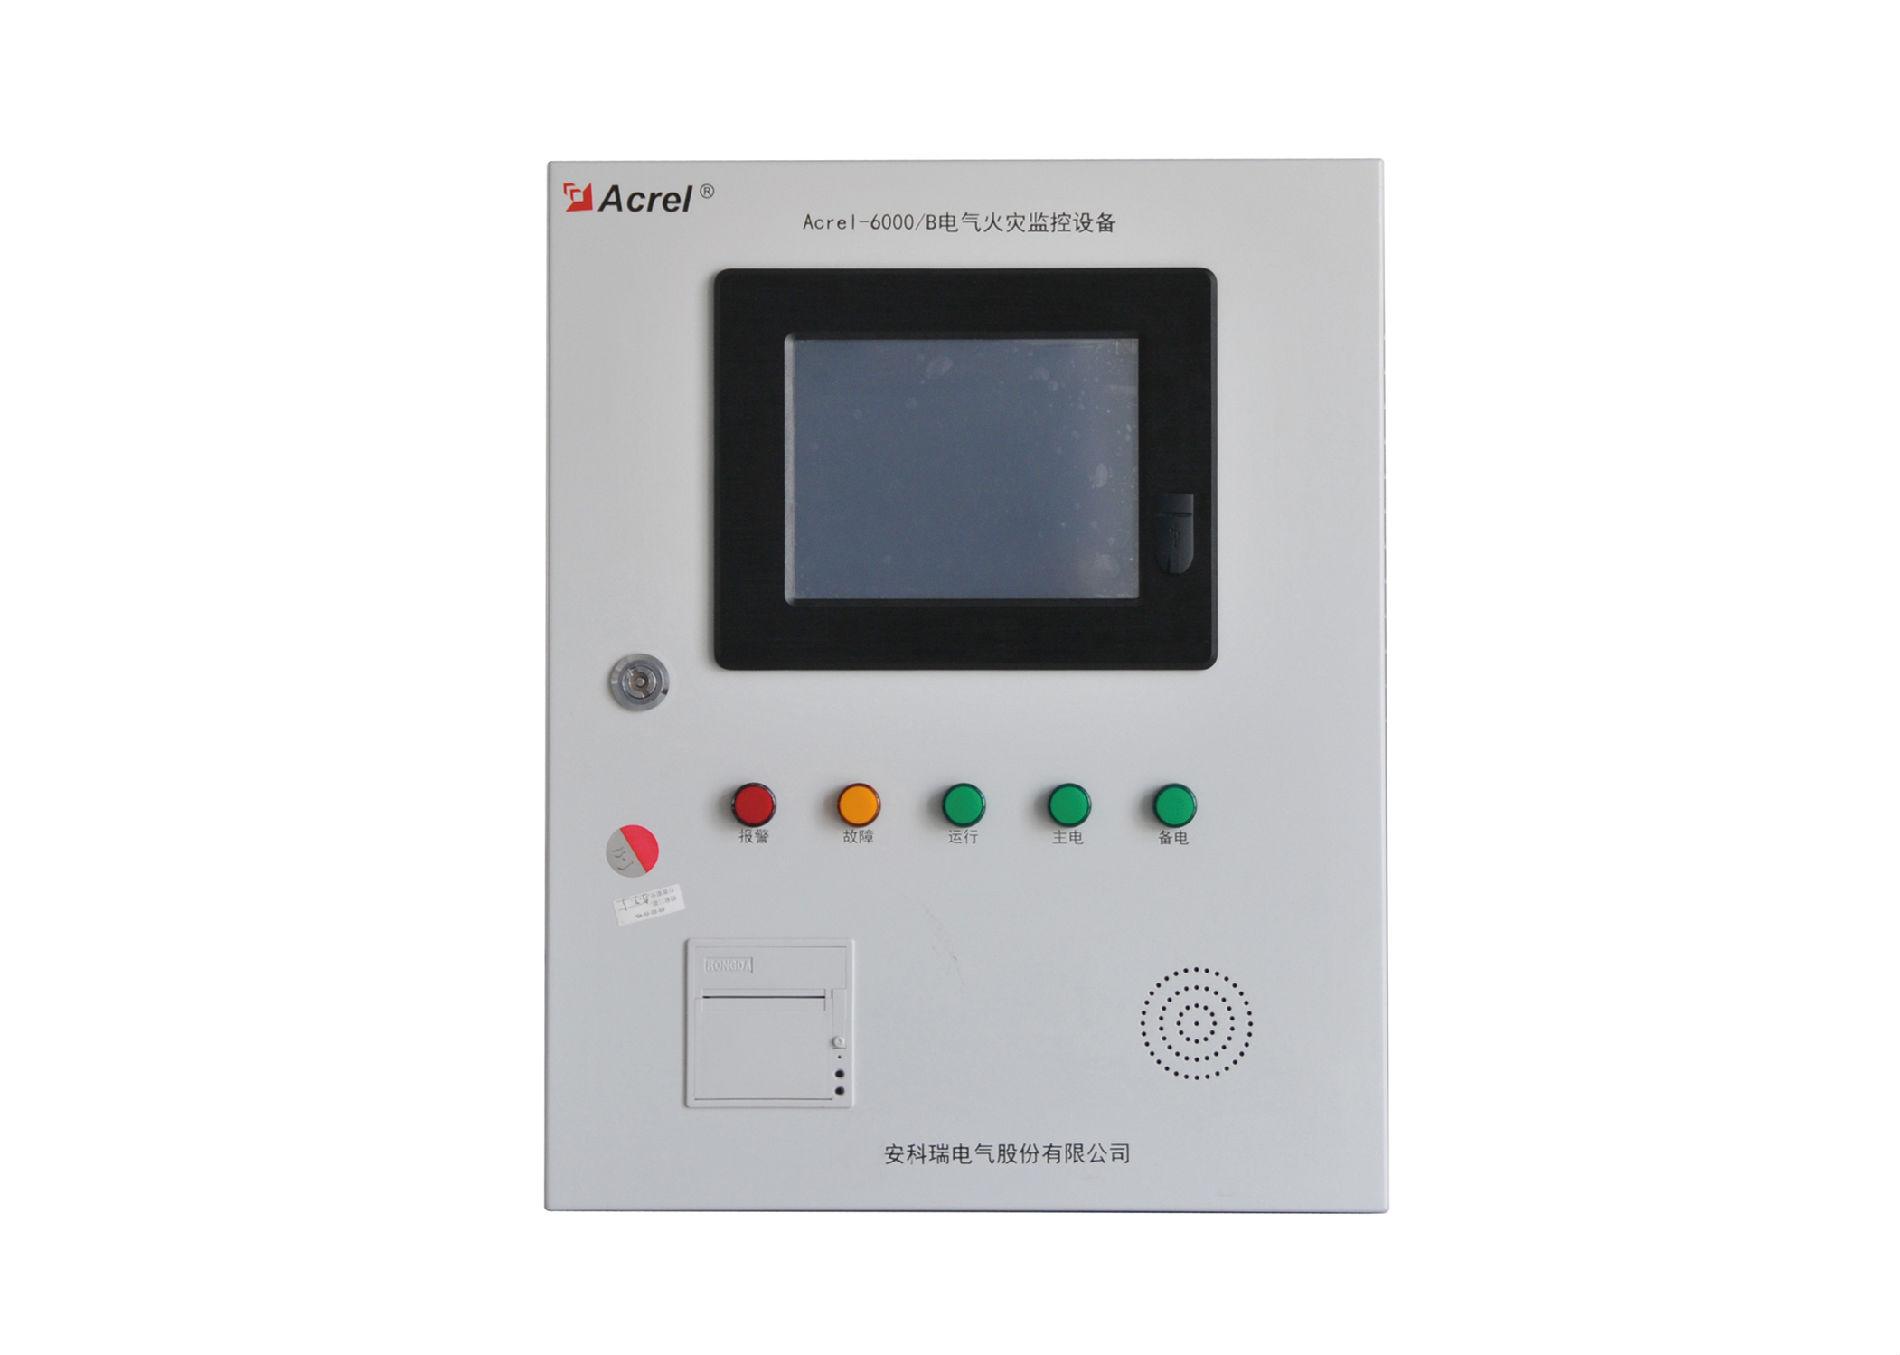 宁波大学梅山校区电气火灾监控系统的设计与应用